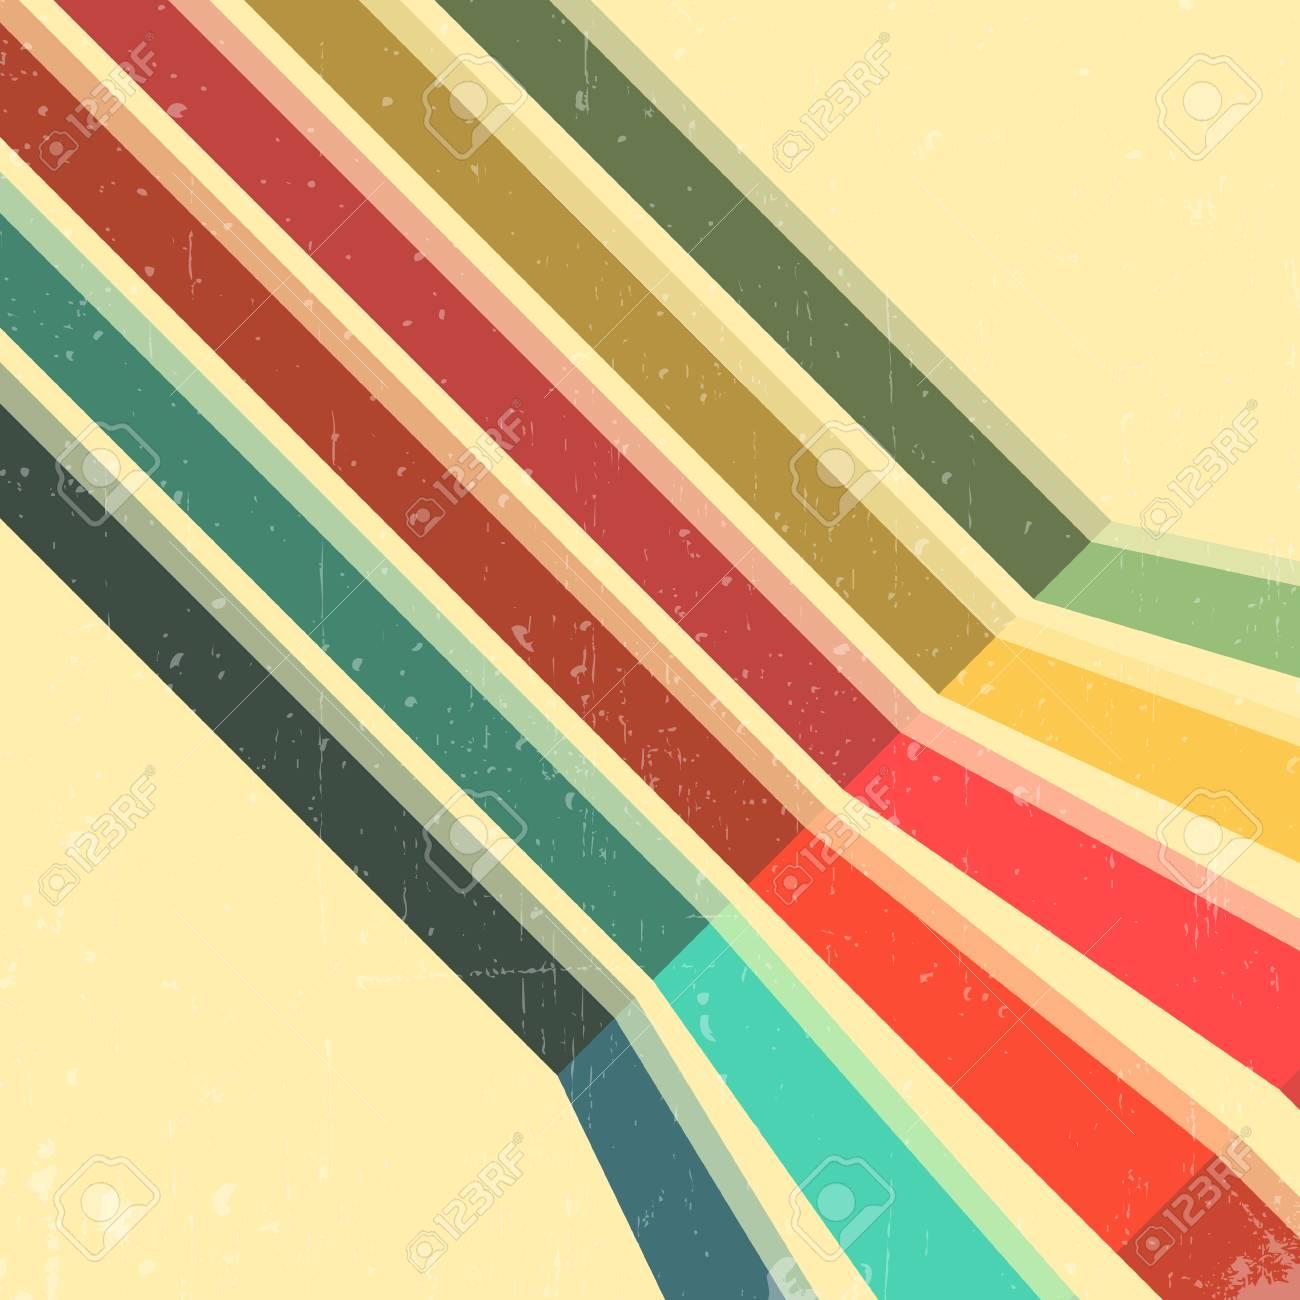 Vintage Color Lines Background. Minimal Design For Magazine ...